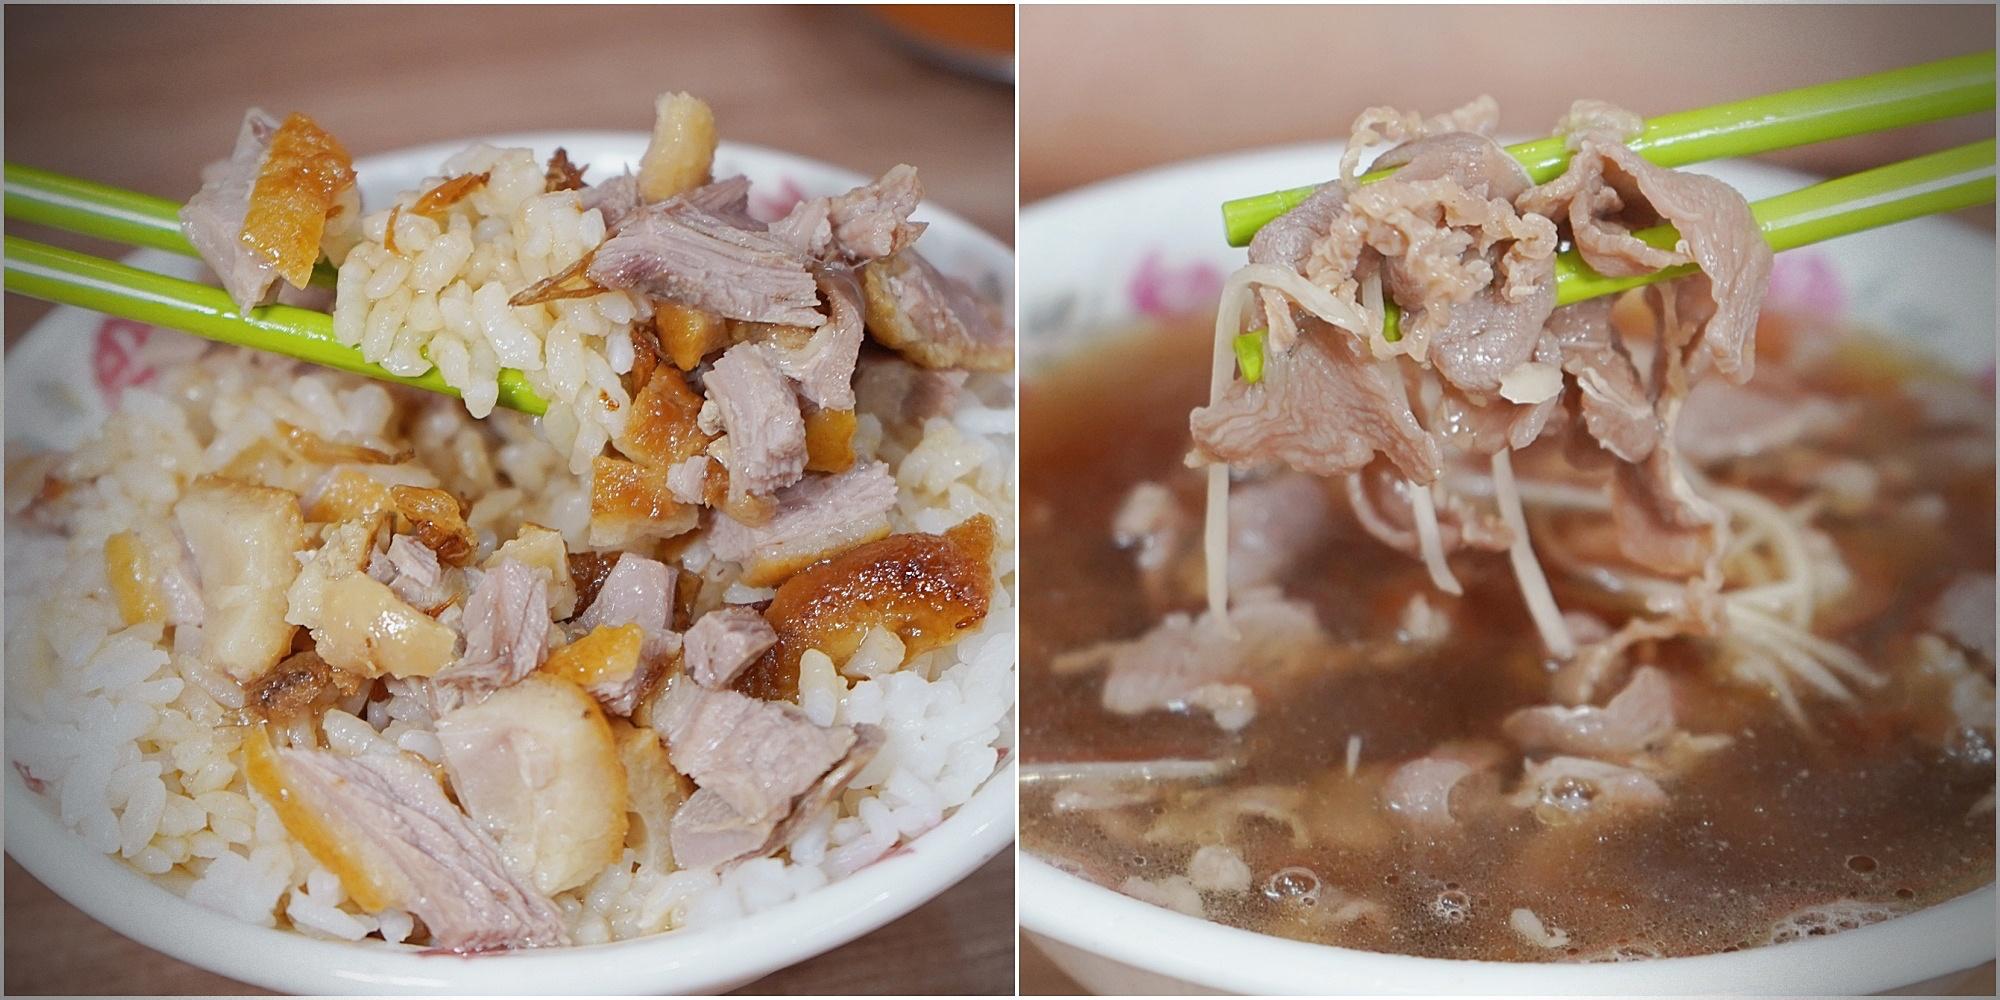 淡水豪記北港鴨肉飯|淡水好吃鴨肉飯|淡水好喝當歸羊肉湯(菜單)